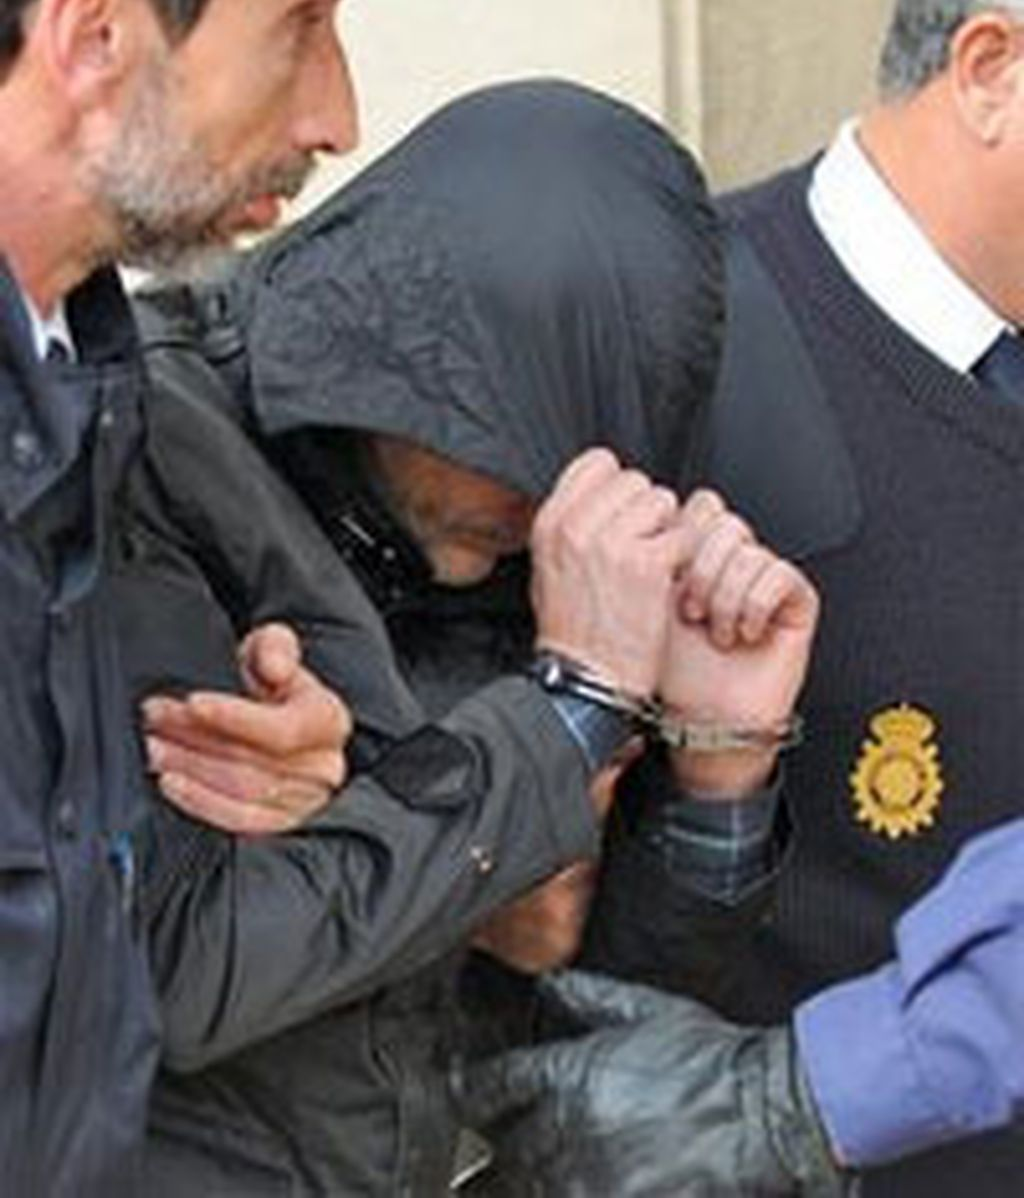 Francisco Javier D.M. permanece encarcelado desde el 17 de febrero . Foto: EFE.